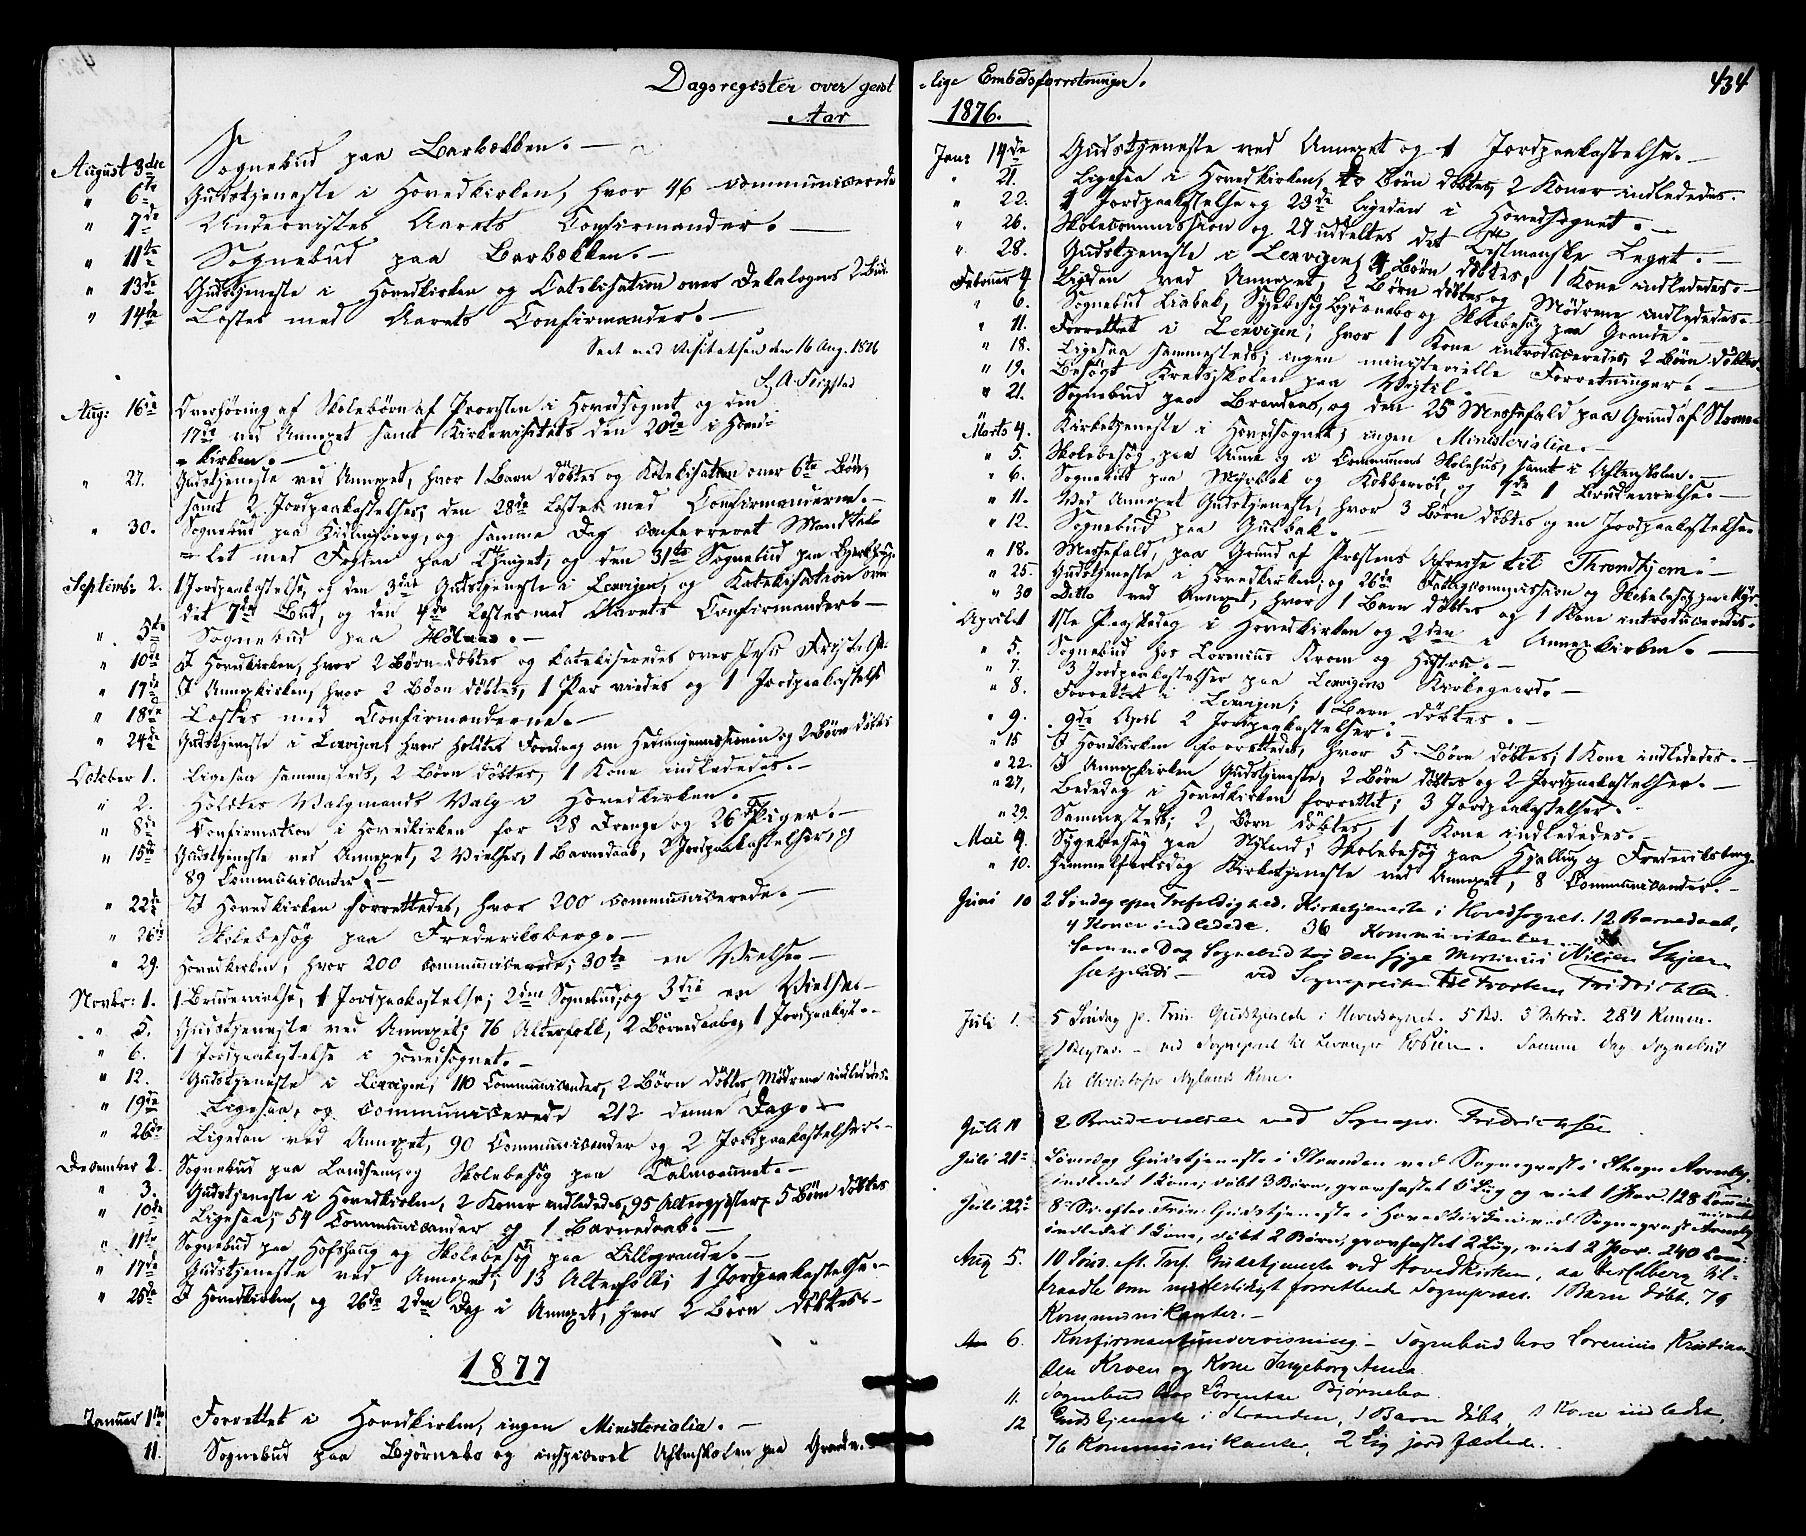 SAT, Ministerialprotokoller, klokkerbøker og fødselsregistre - Nord-Trøndelag, 701/L0009: Ministerialbok nr. 701A09 /1, 1864-1882, s. 434